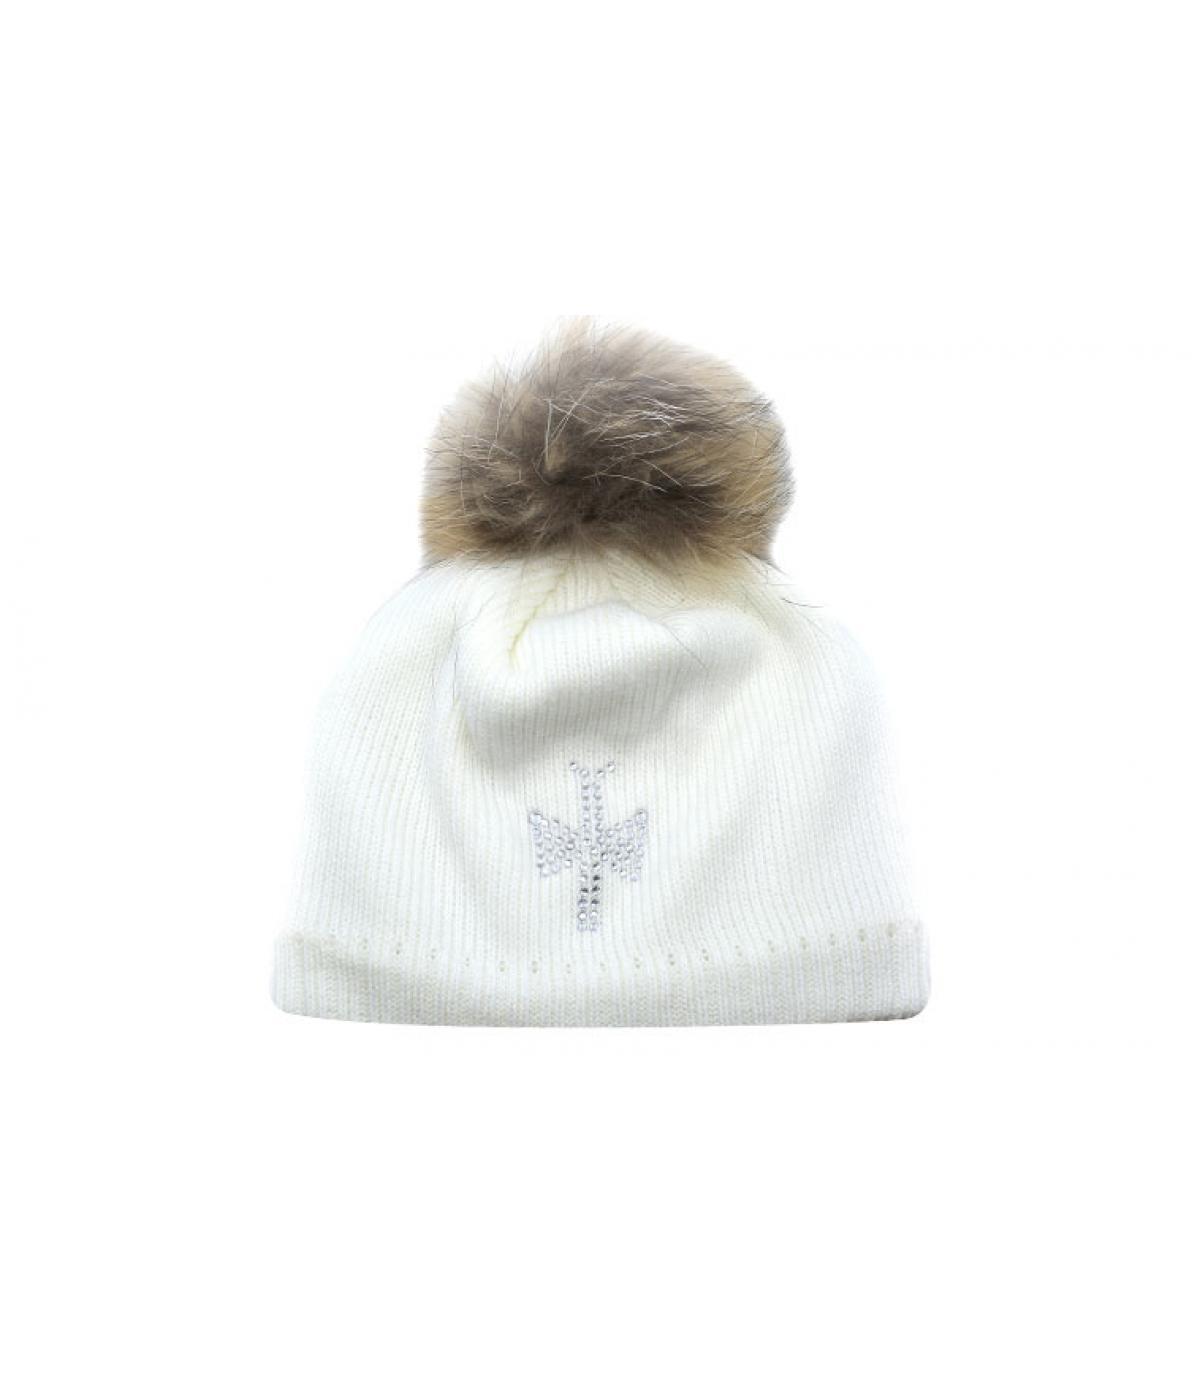 Cappello Invernale Bambino - Acquisto   Vendita Cappelli invernali Bambino  - Shop online Headict. ae9d46b37fb9